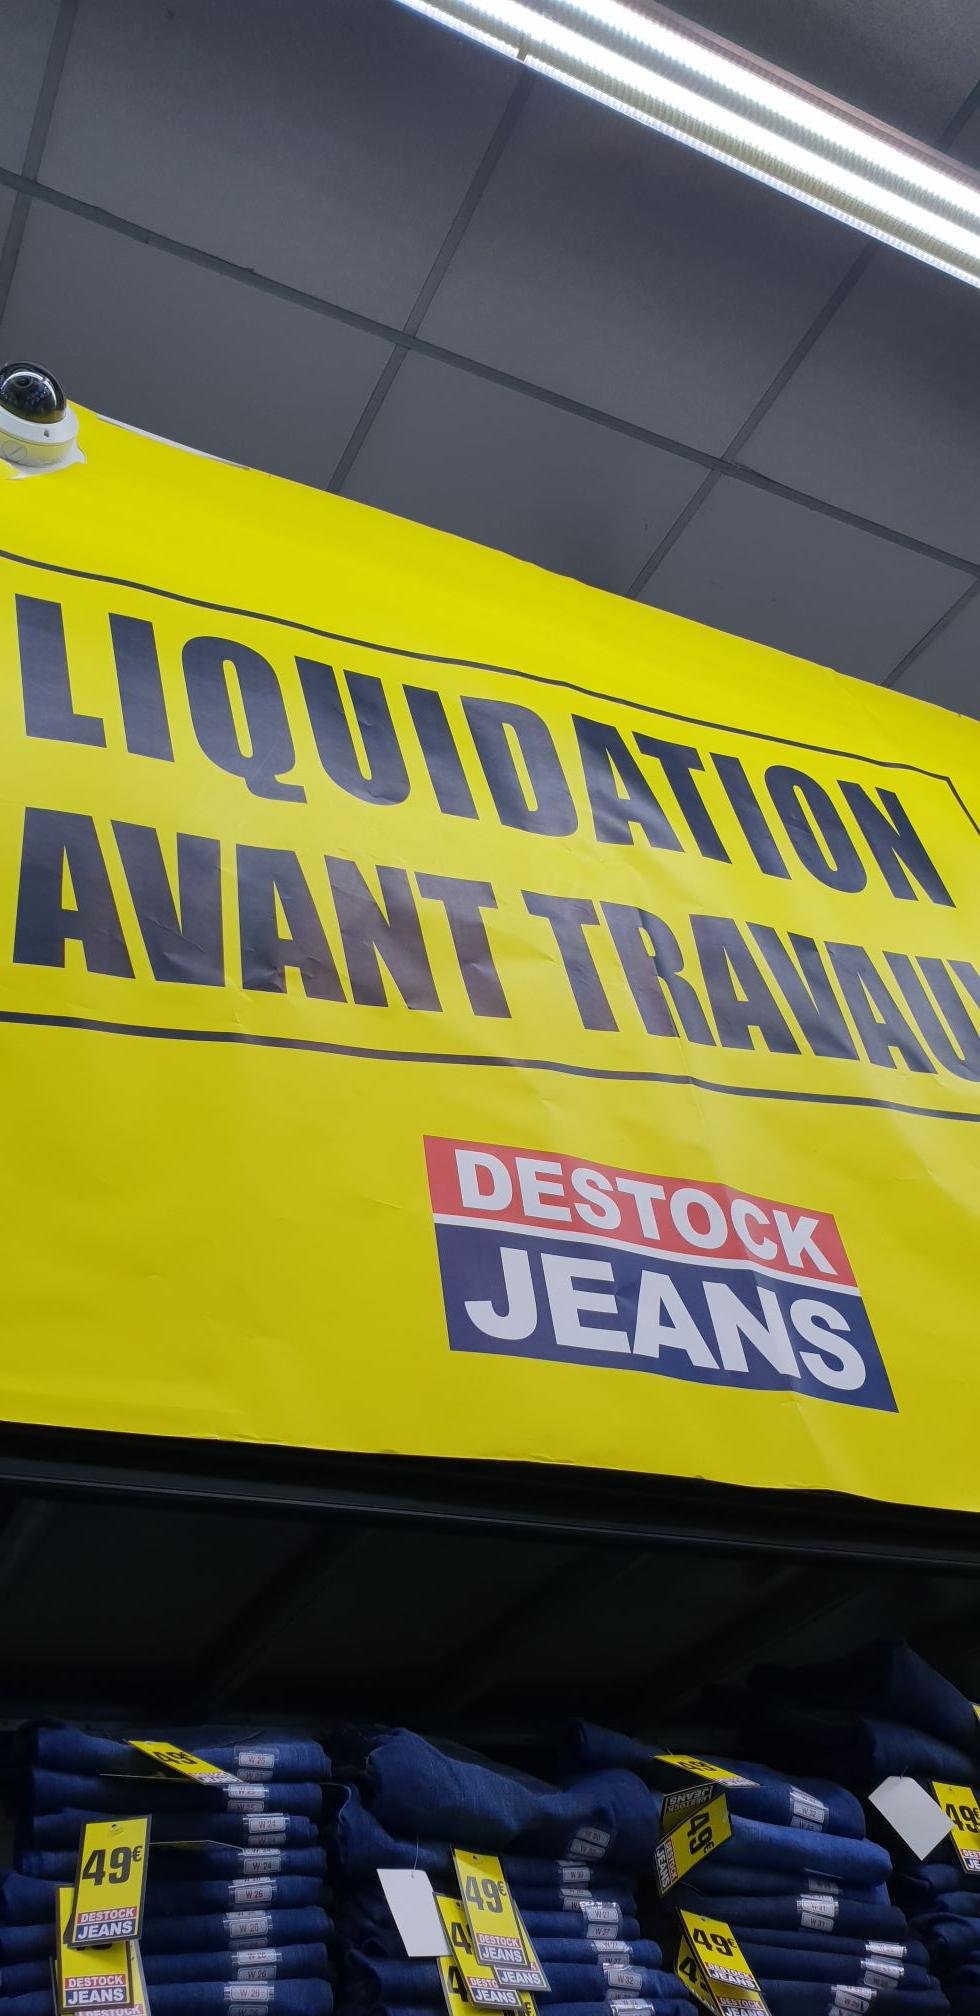 Sélection de Marques de Jeans en destockage - Saint-Priest (69)